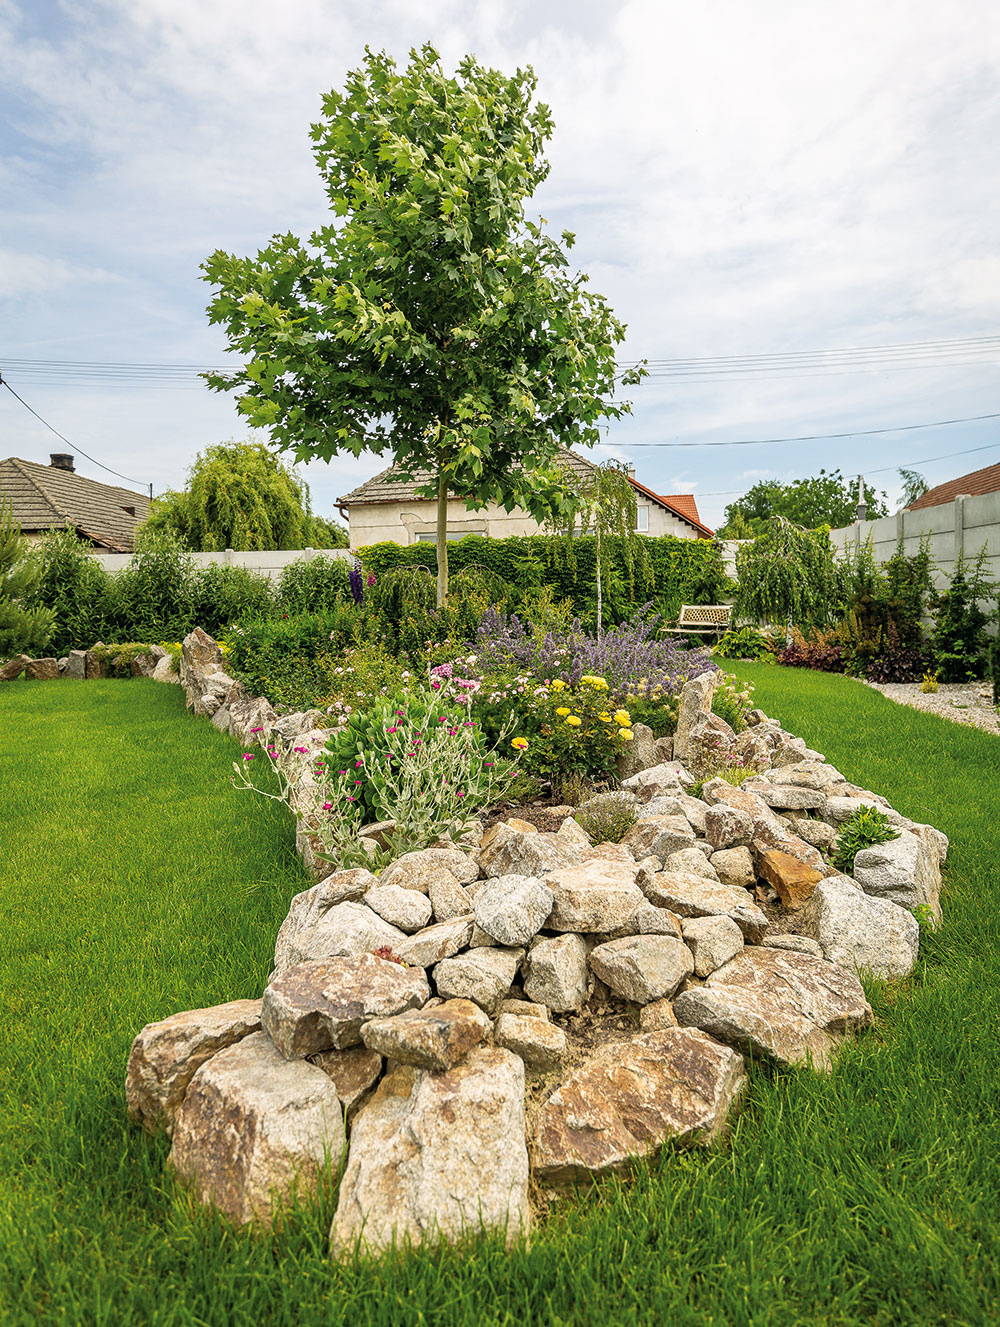 Mladý platan má čestné miesto vcentrálnej časti záhrady, kde má dostatok priestoru na zdravý vývin. Vdospelosti bude nádhernou dominantou. Okolo neho sa vinie dlhý trvalkový záhon, kde je veľké množstvo rôznych kvetín, pôdopokryvných drevín akríkov nízkeho vzrastu.